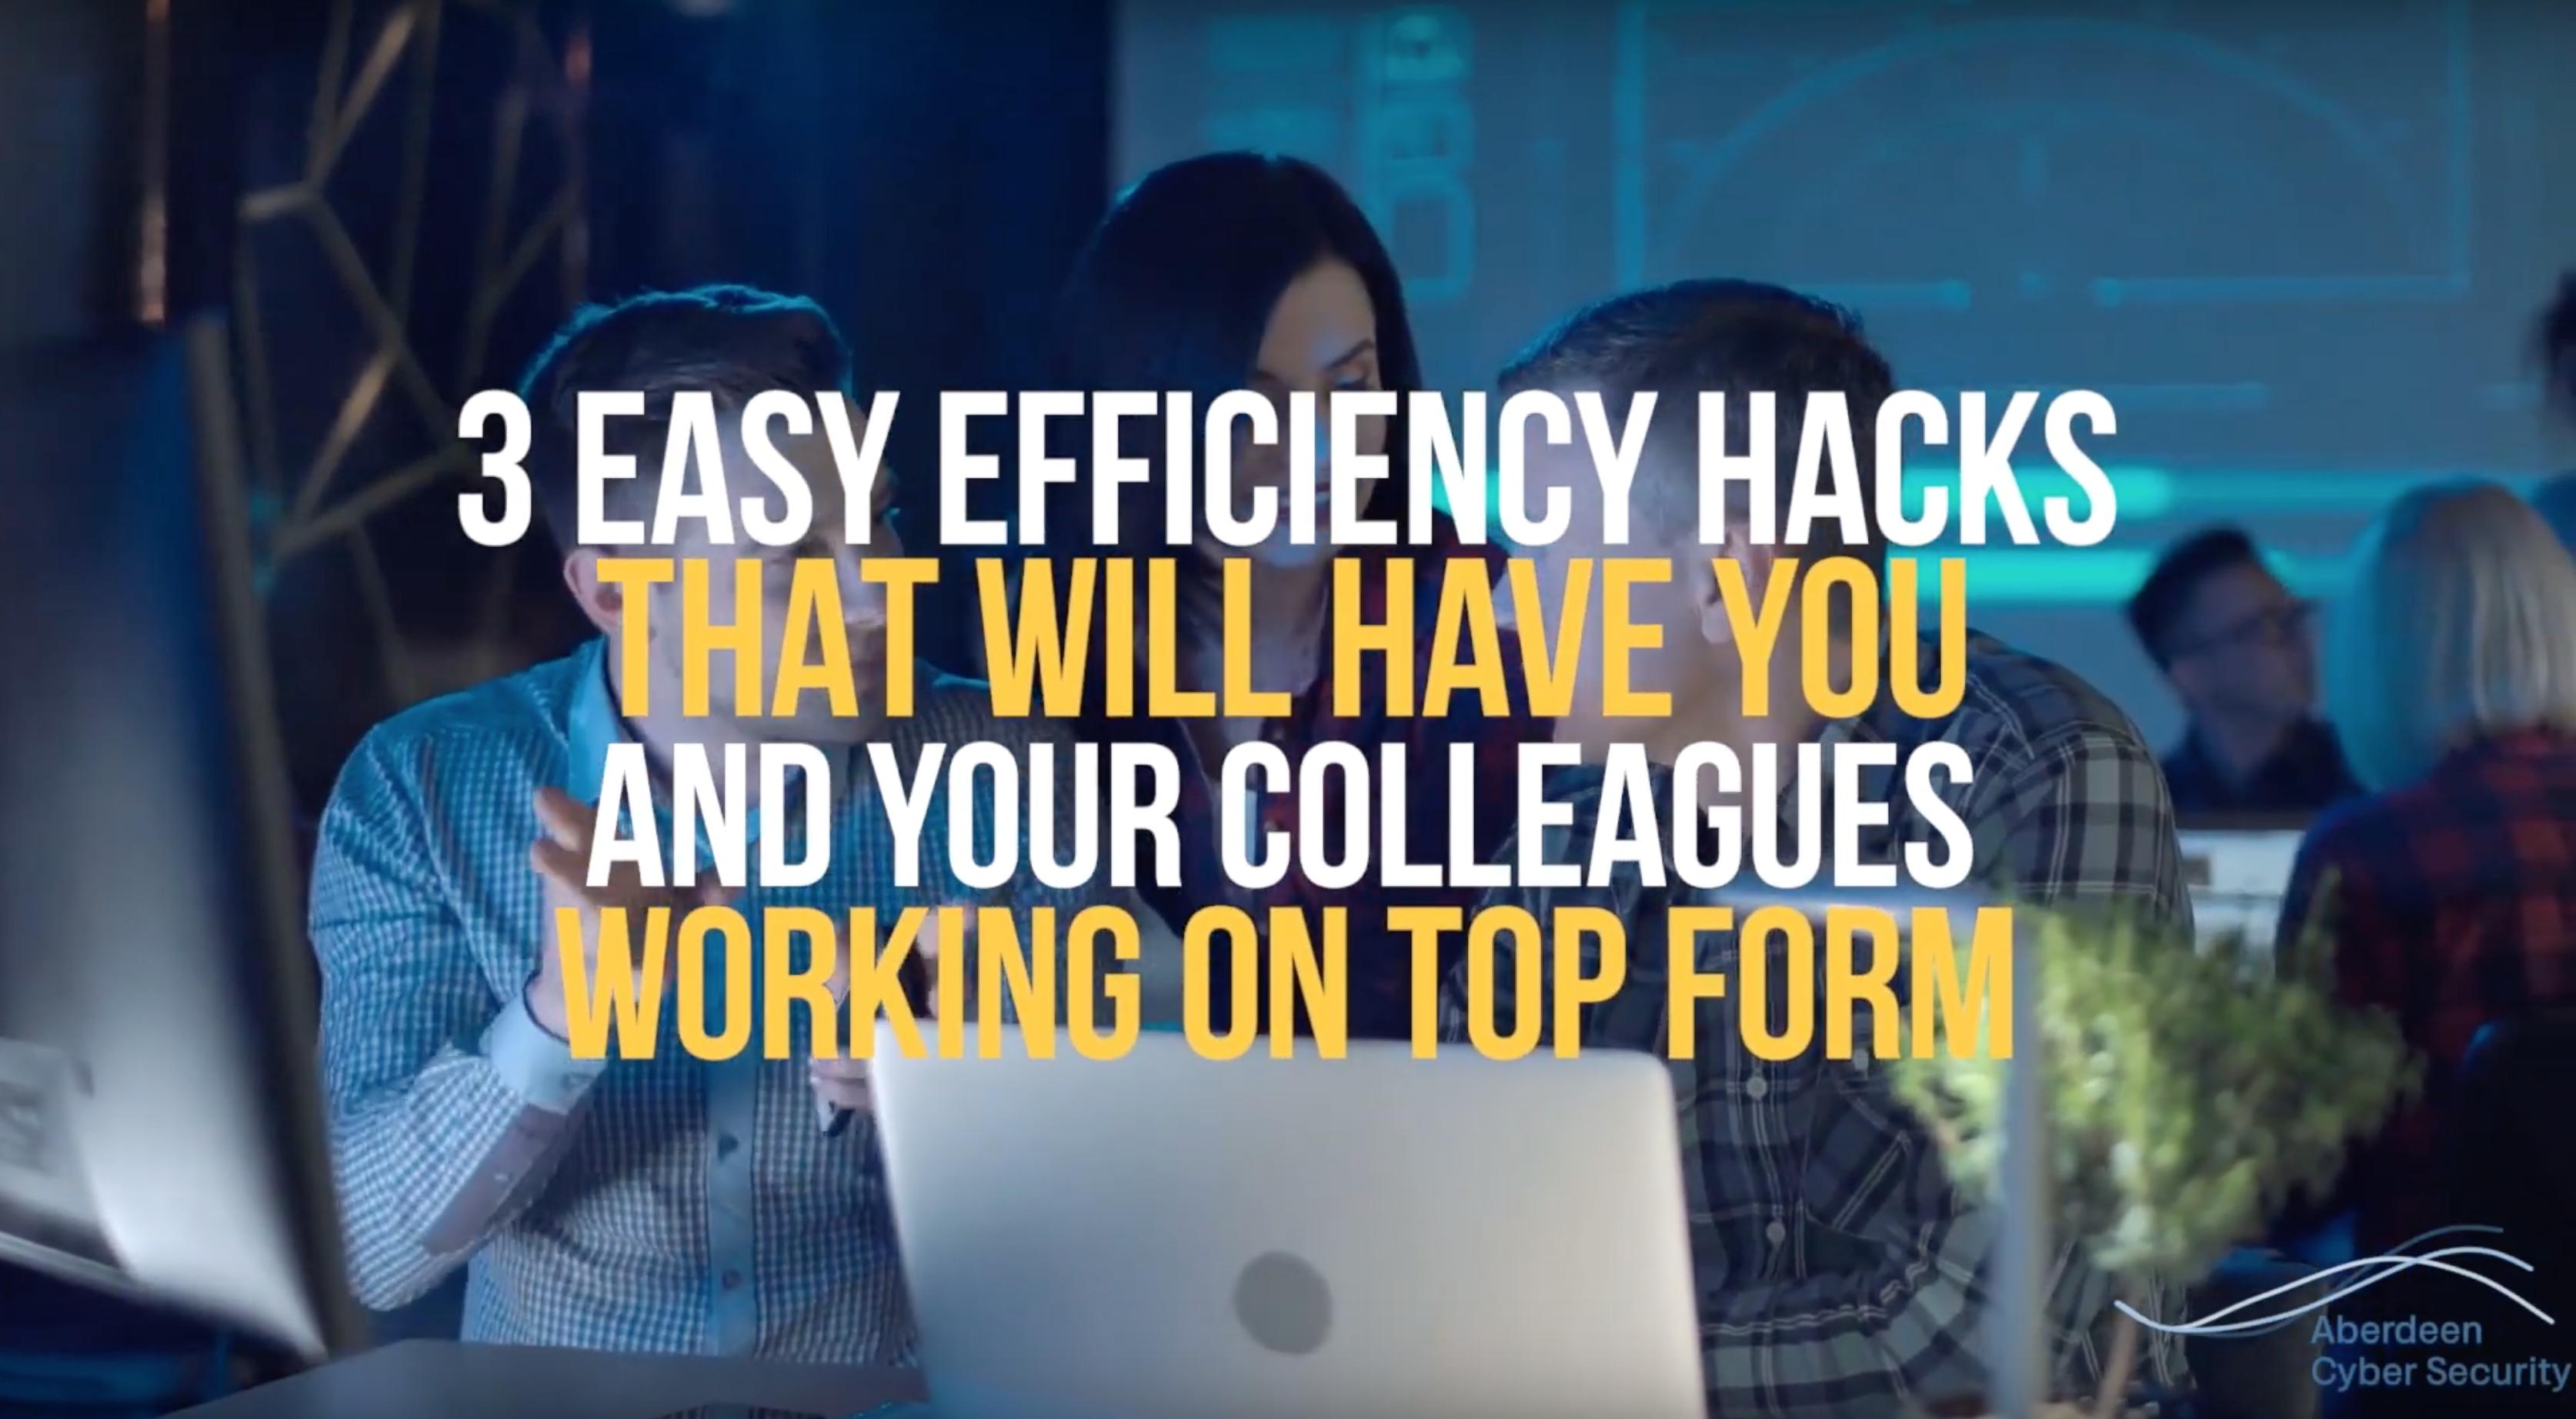 3 Easy IT Efficiency Hacks